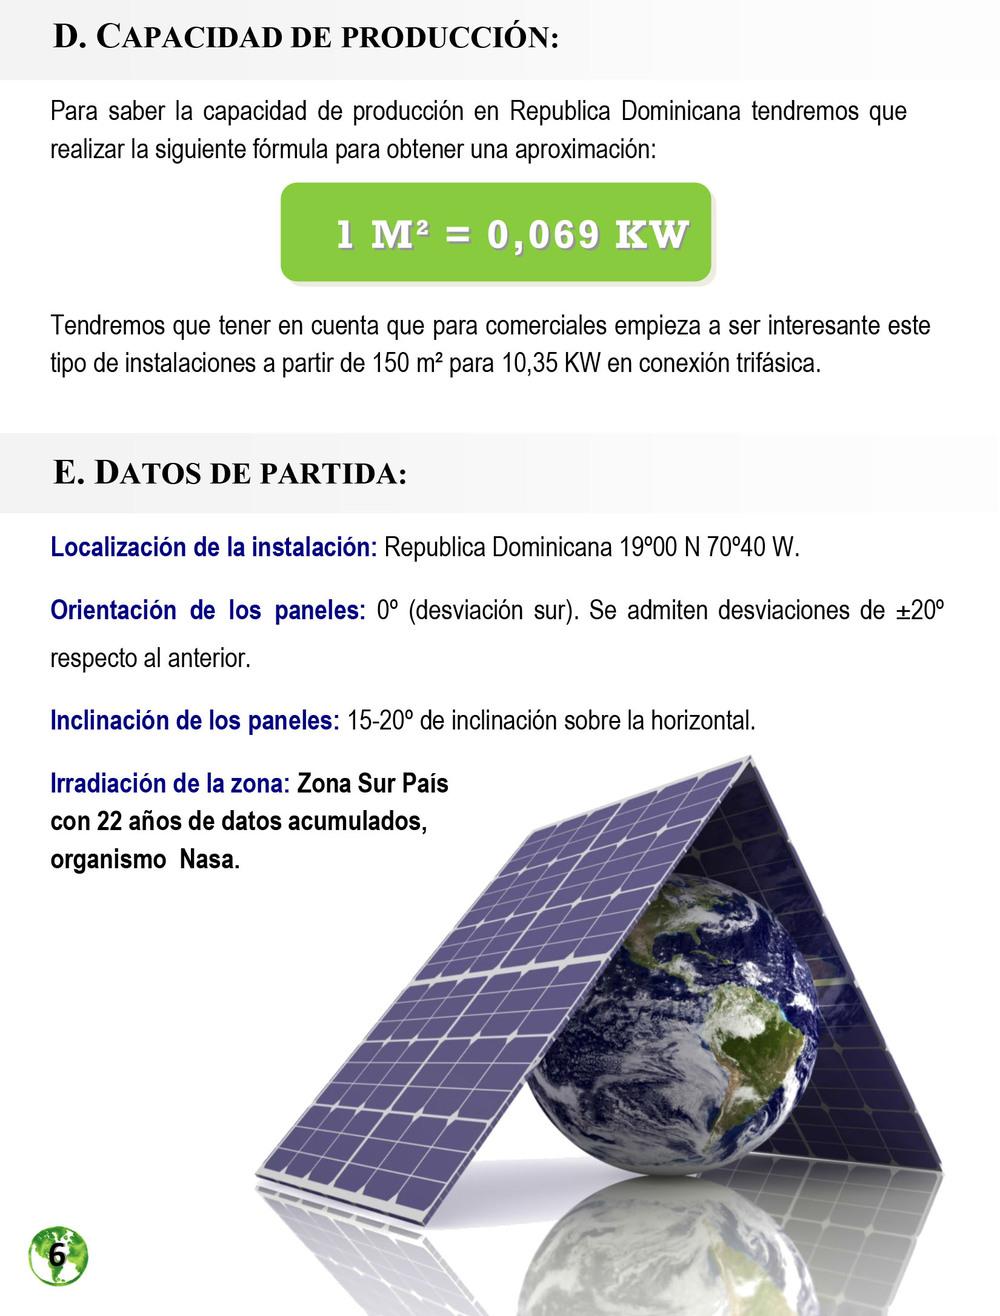 folleto 12-09-13-6.jpg